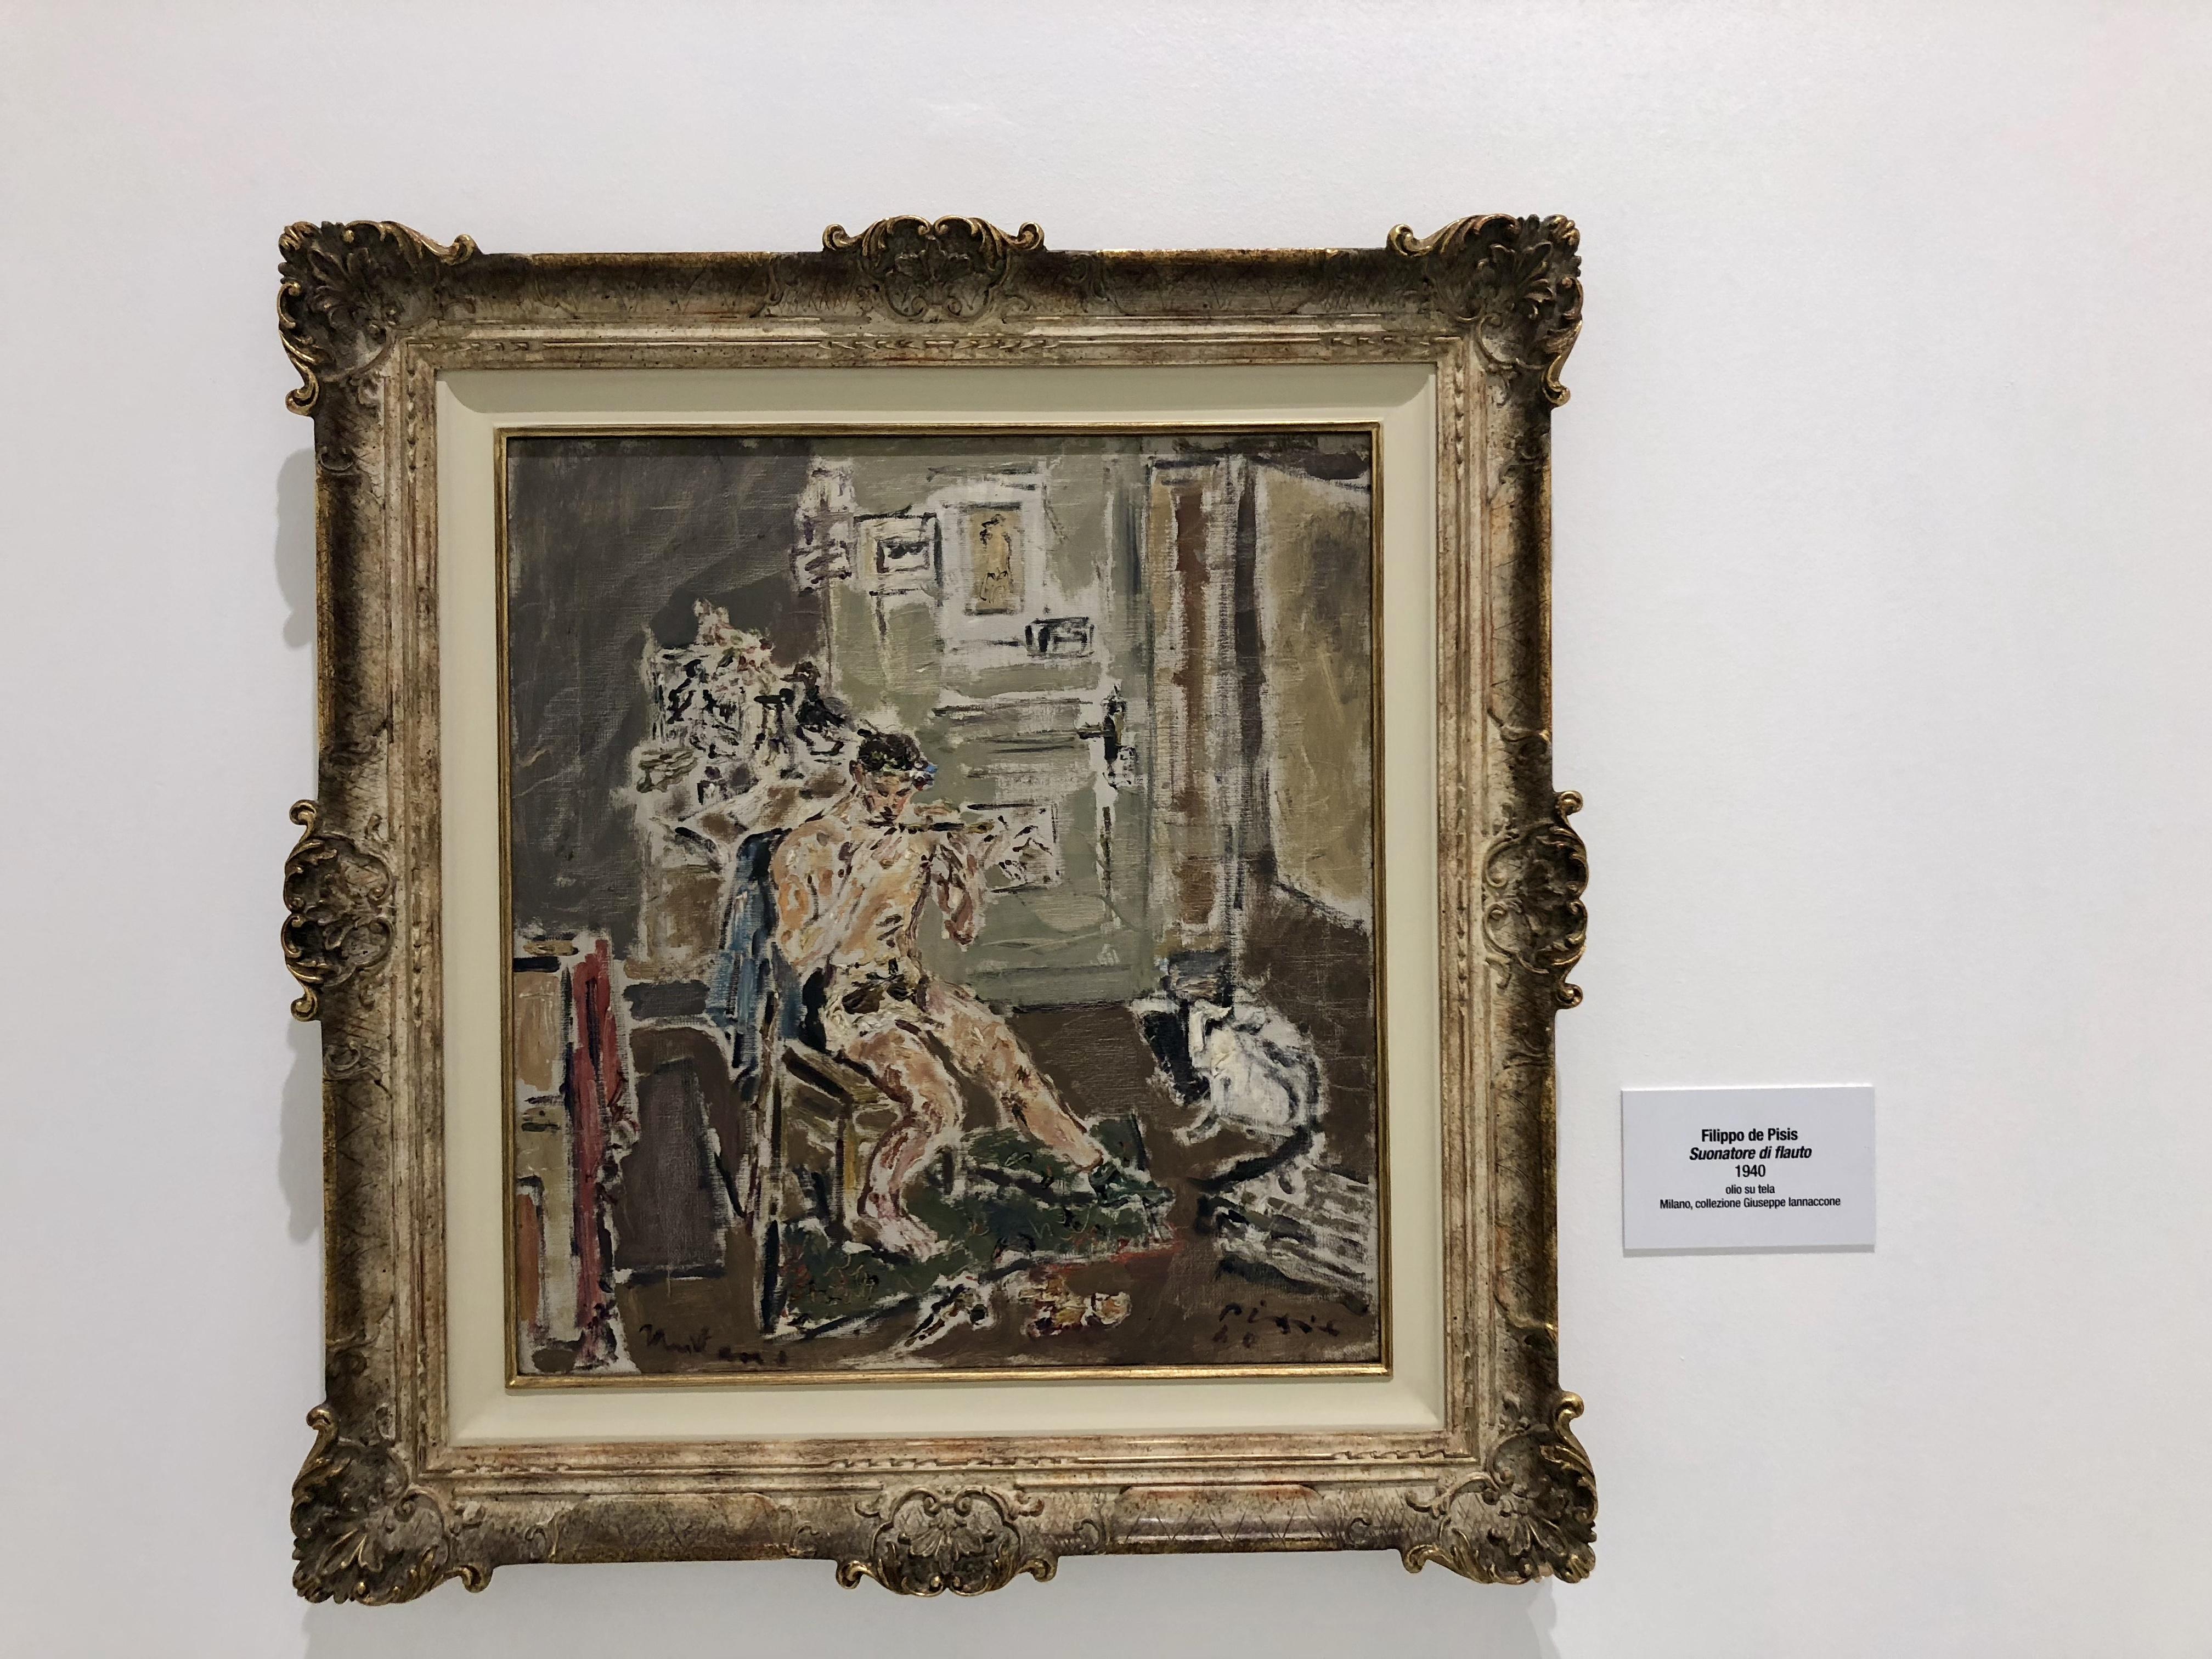 TalentiEventi_Filippo_De_Pisis_Eclettico_connoisseur_fra pittura_ musica_e_poesia_Museo_Ettore_Fico_16